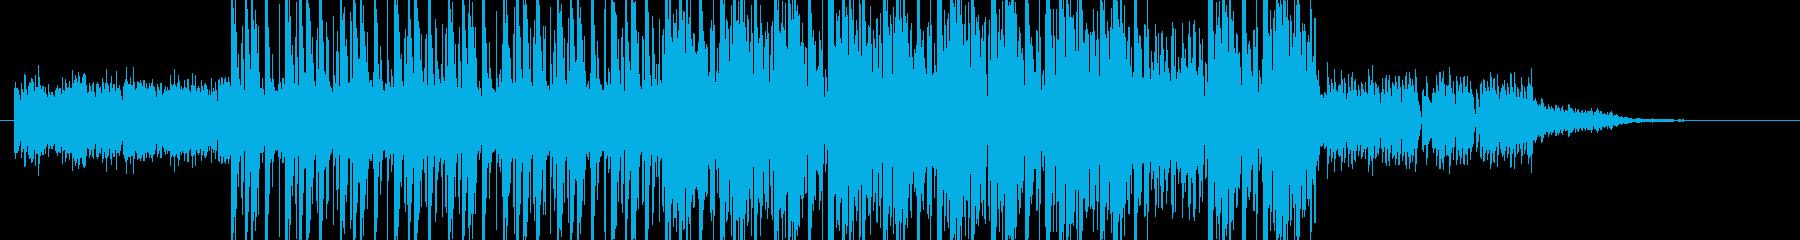 ピアノによる緊迫したイメージのジングルの再生済みの波形